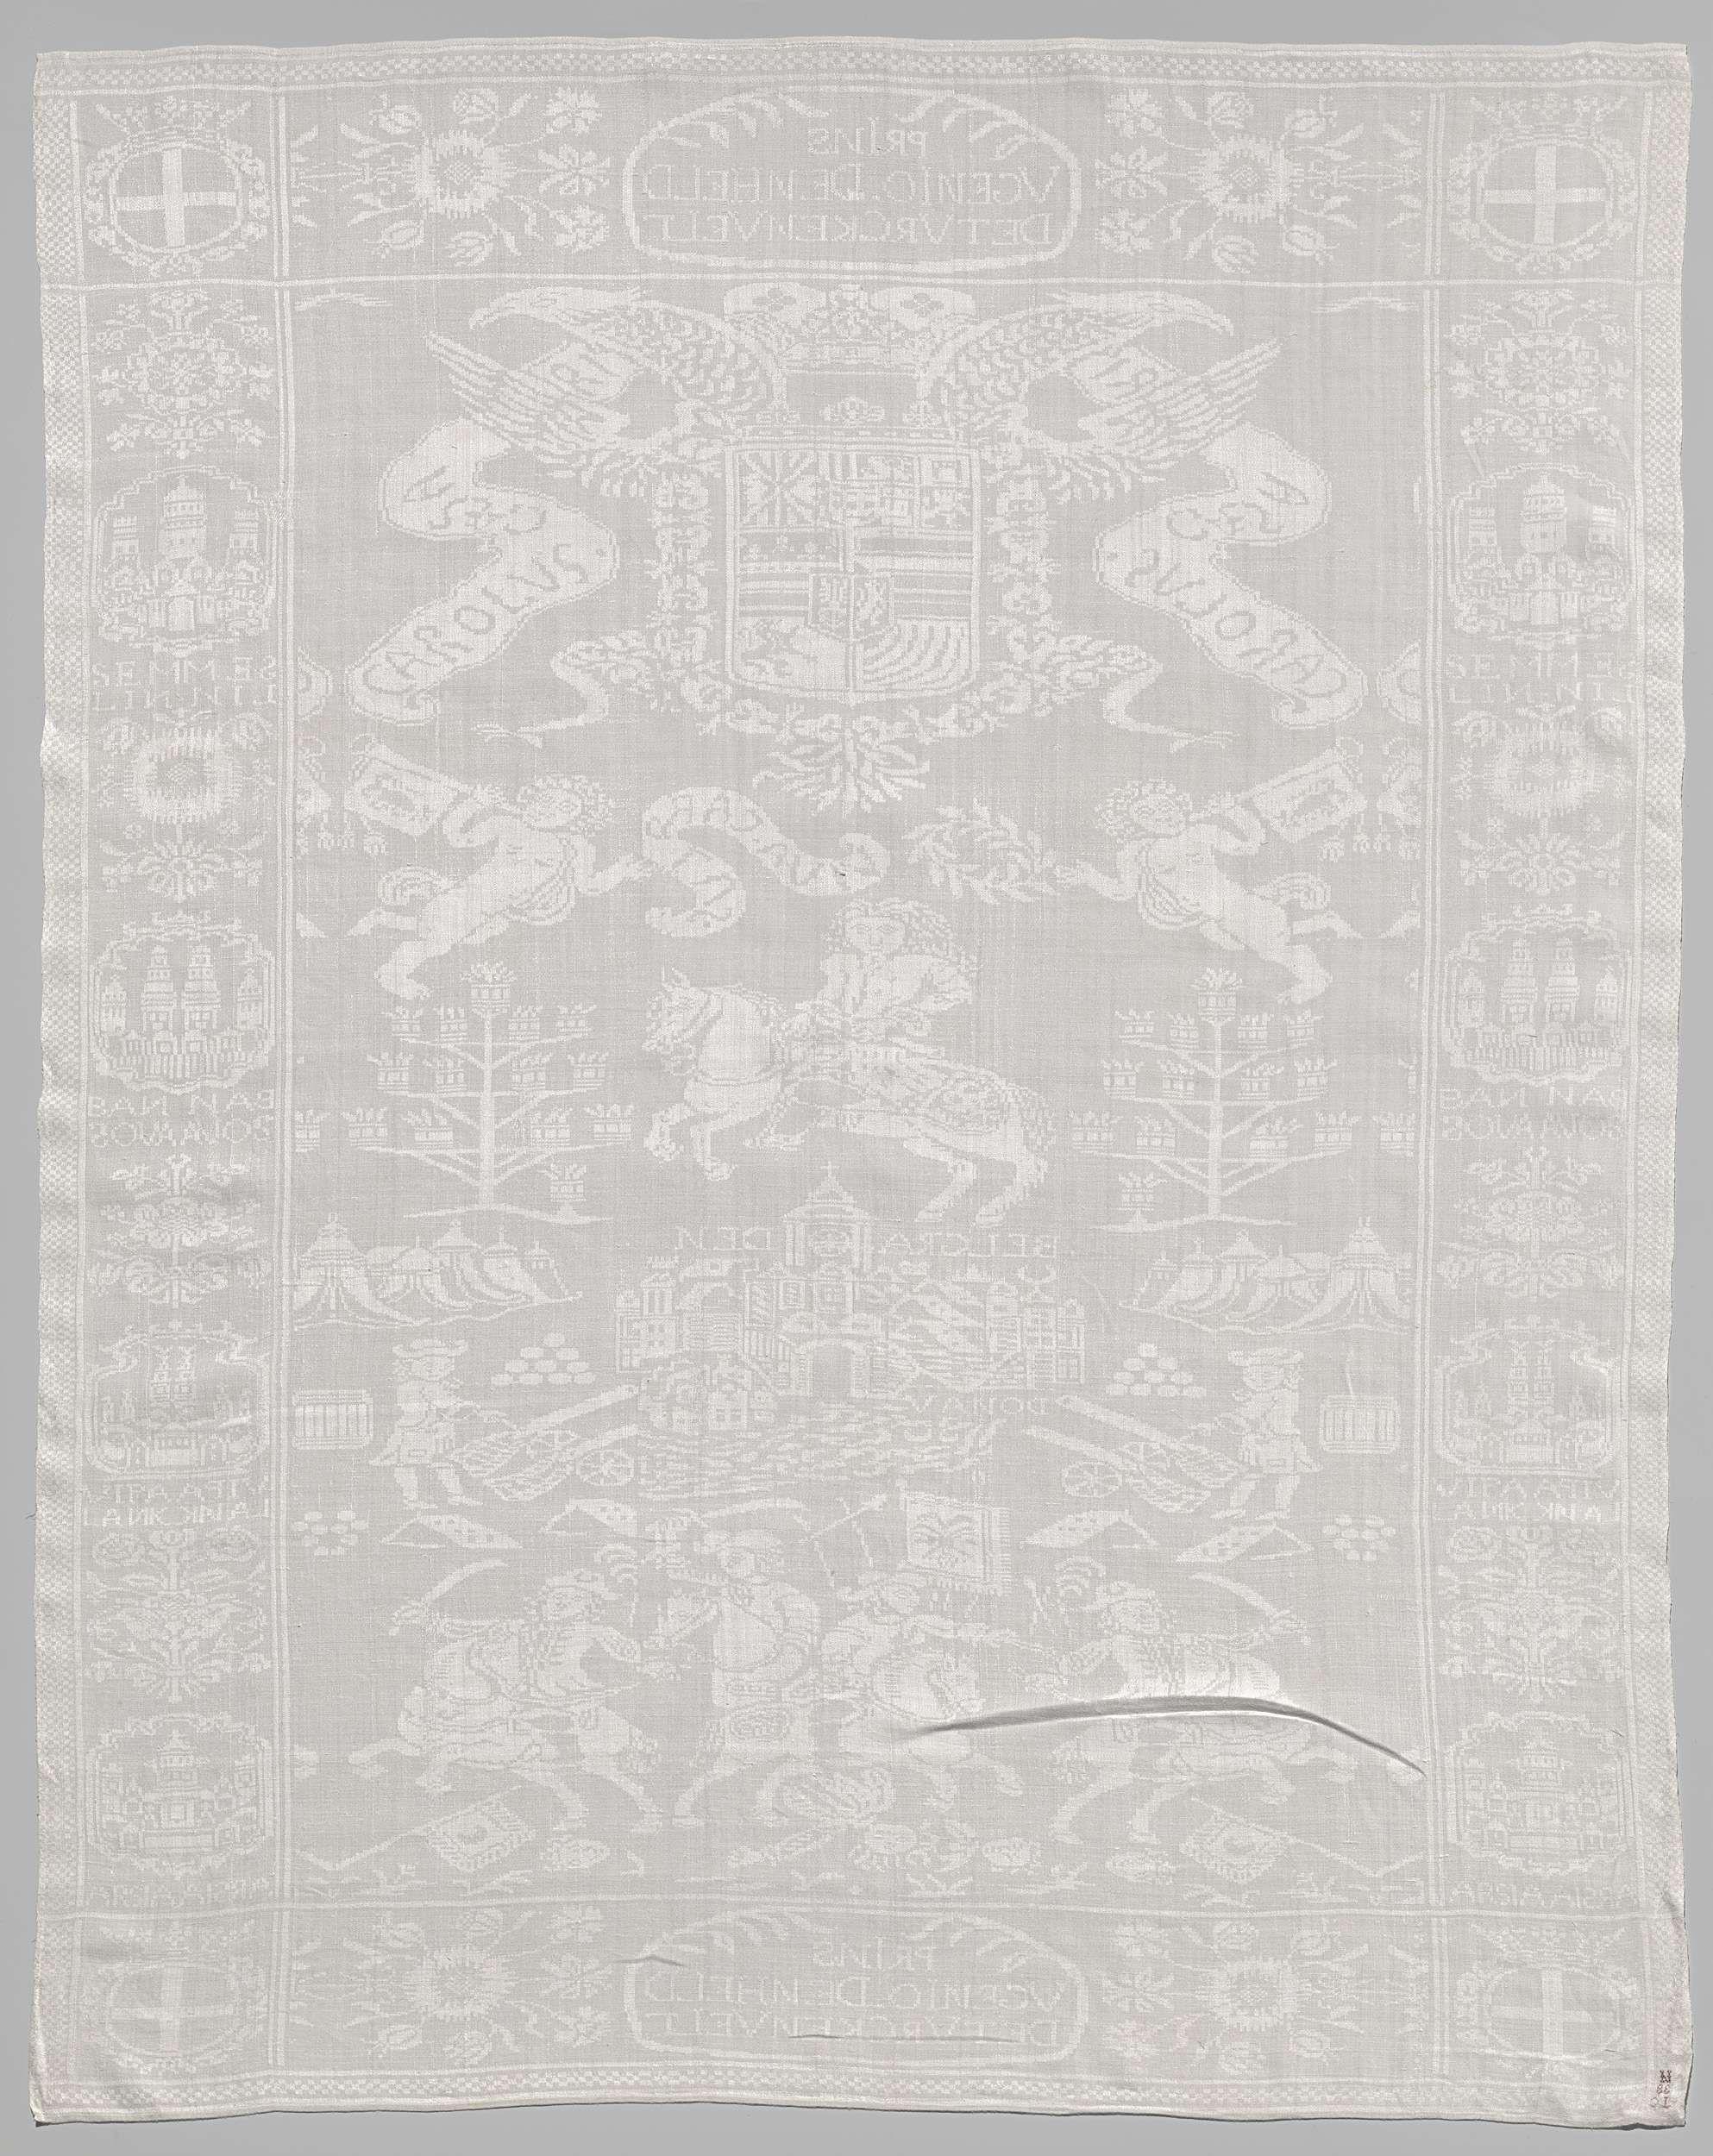 Anonymous   Servet met het ontzet van Belgrado, Anonymous, in or after 1717   Servet van linnendamast met het ontzet van Belgrado. Middenveld: Het asymmetrisch patroon vertoont van onder naar boven uit vier taferelen: 1 Vier ruiters met een standaard waarop de dubbele adelaar, galopperen over een slagveld, met de verslagen vijand, twee hoofden en de standaard met de halve maan. 2 Kanonnen zijn gericht over een rivier met inschrift: DONAU op een stad met inschrift BELGRADEN. Terzijde staan…